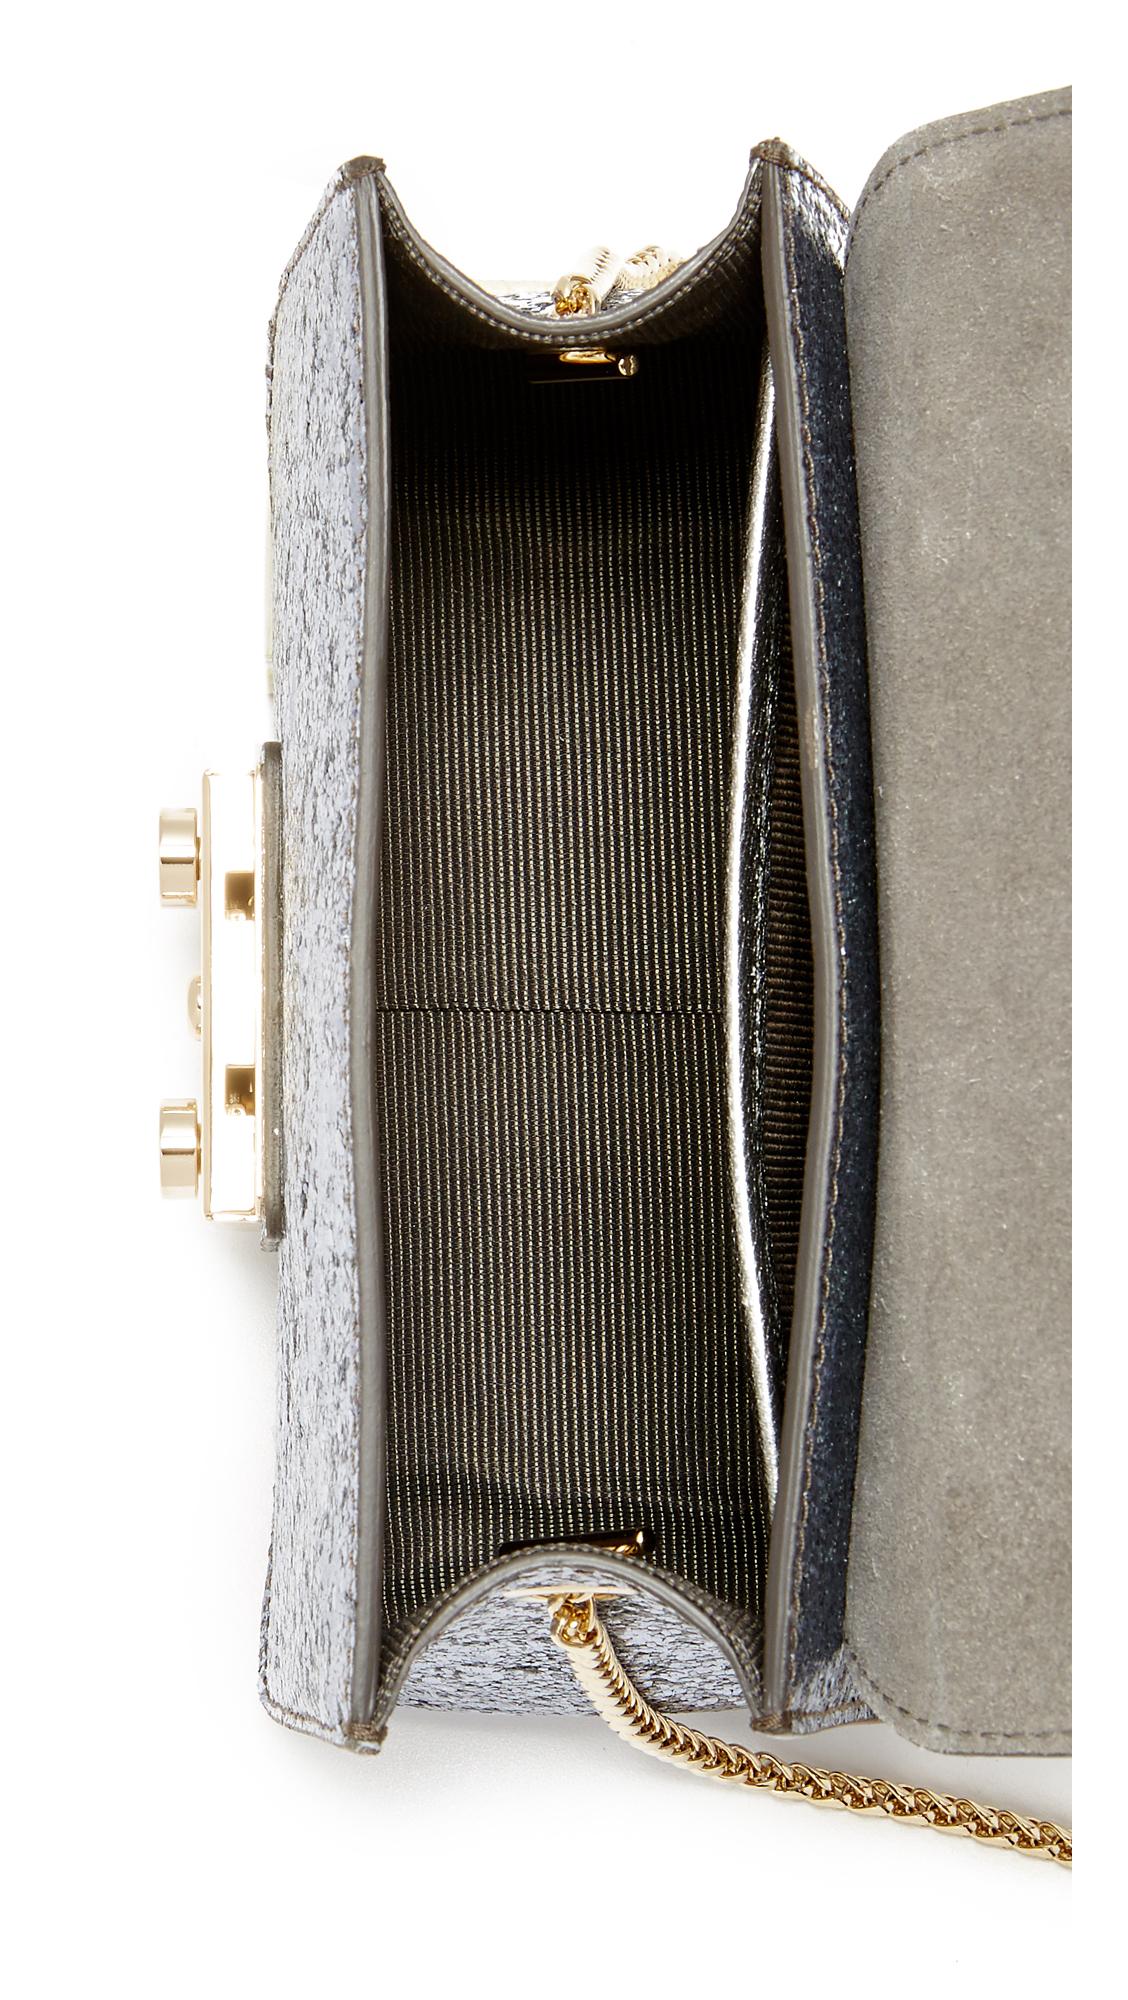 89003e0faf3c Furla Блестящие Метрополис мини-через плечо сумка   SHOPBOP